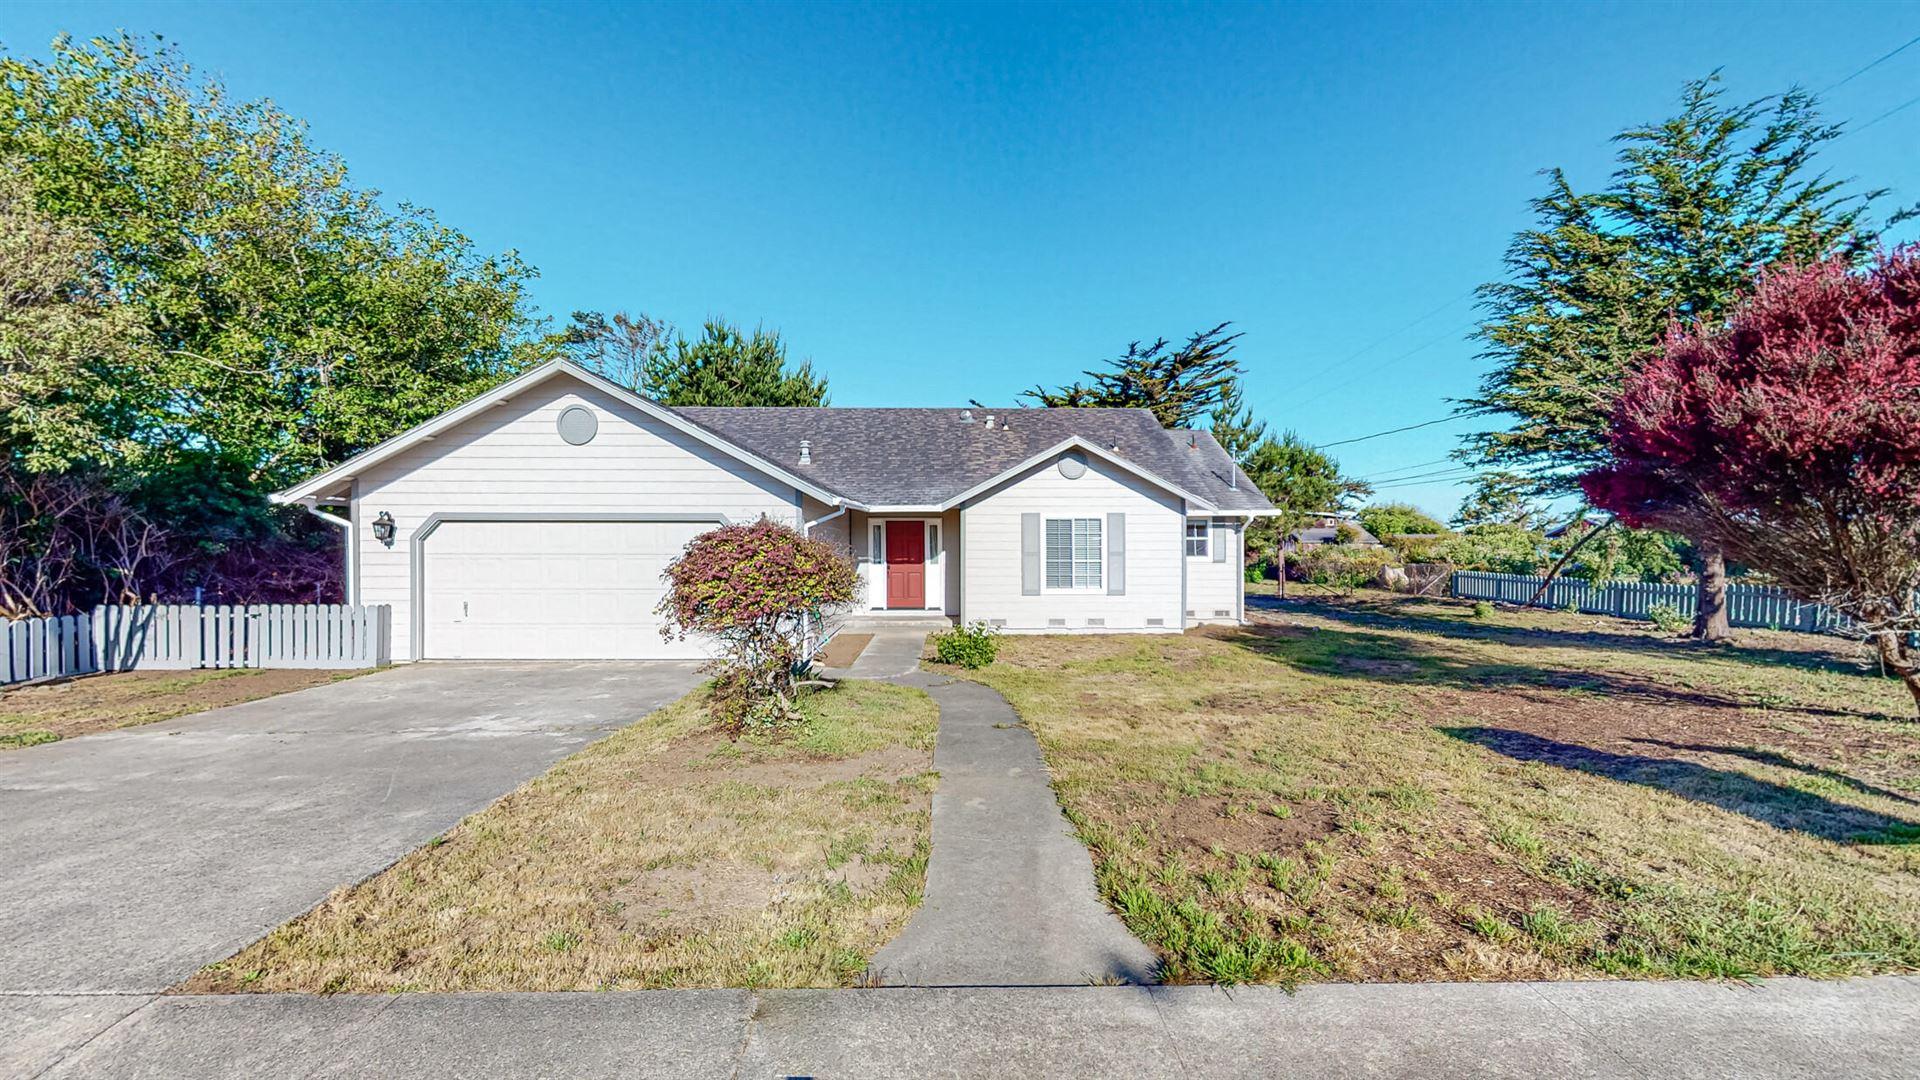 1680 Ocean Drive, McKinleyville, CA 95519 - MLS#: 259325